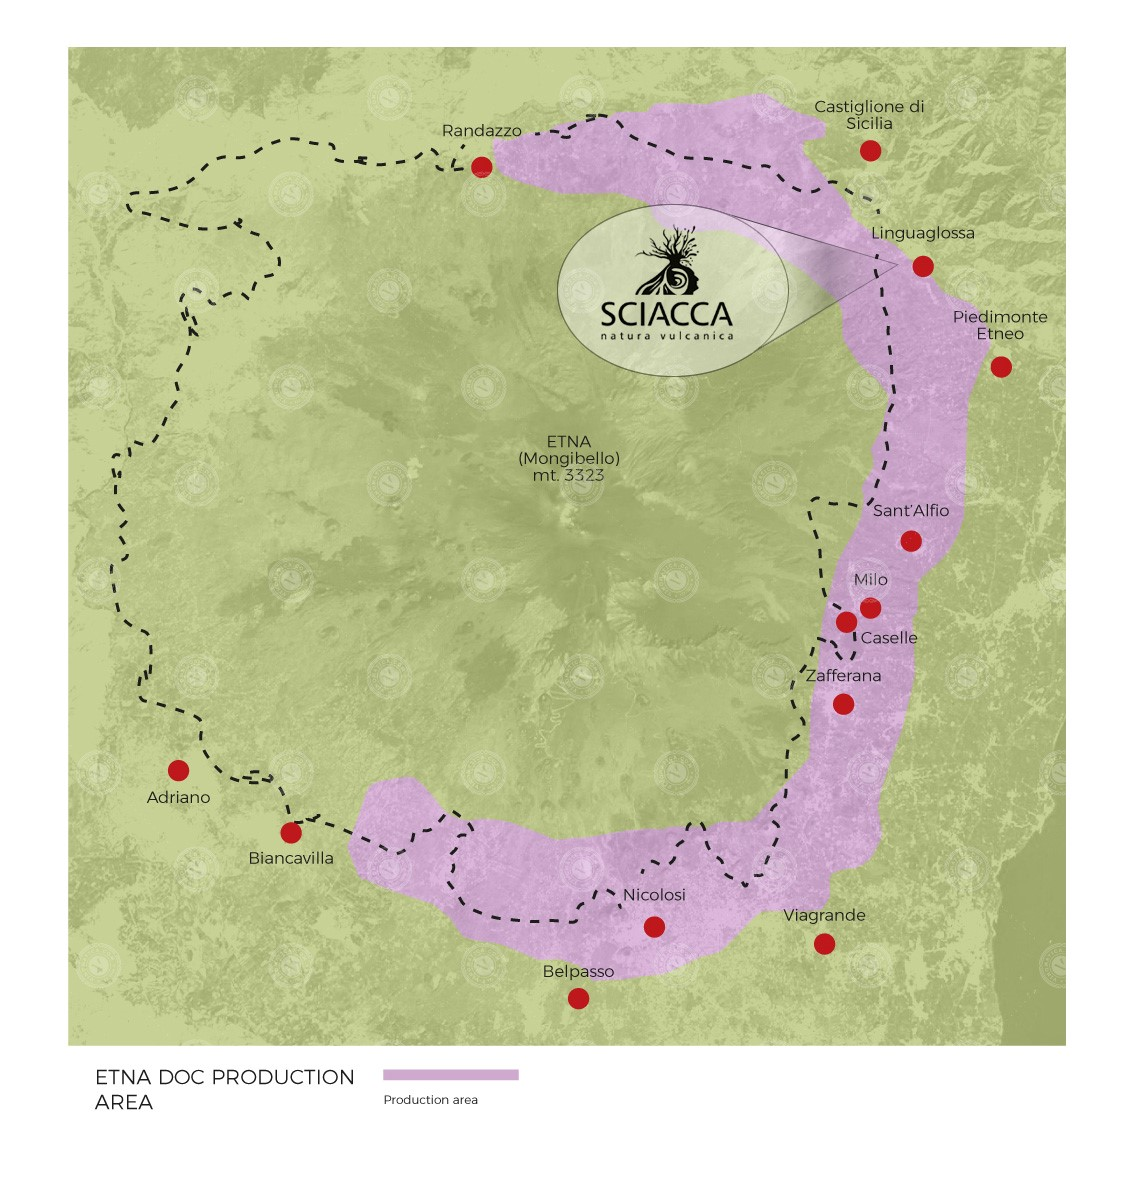 Área geográfica de producción del Etna Doc